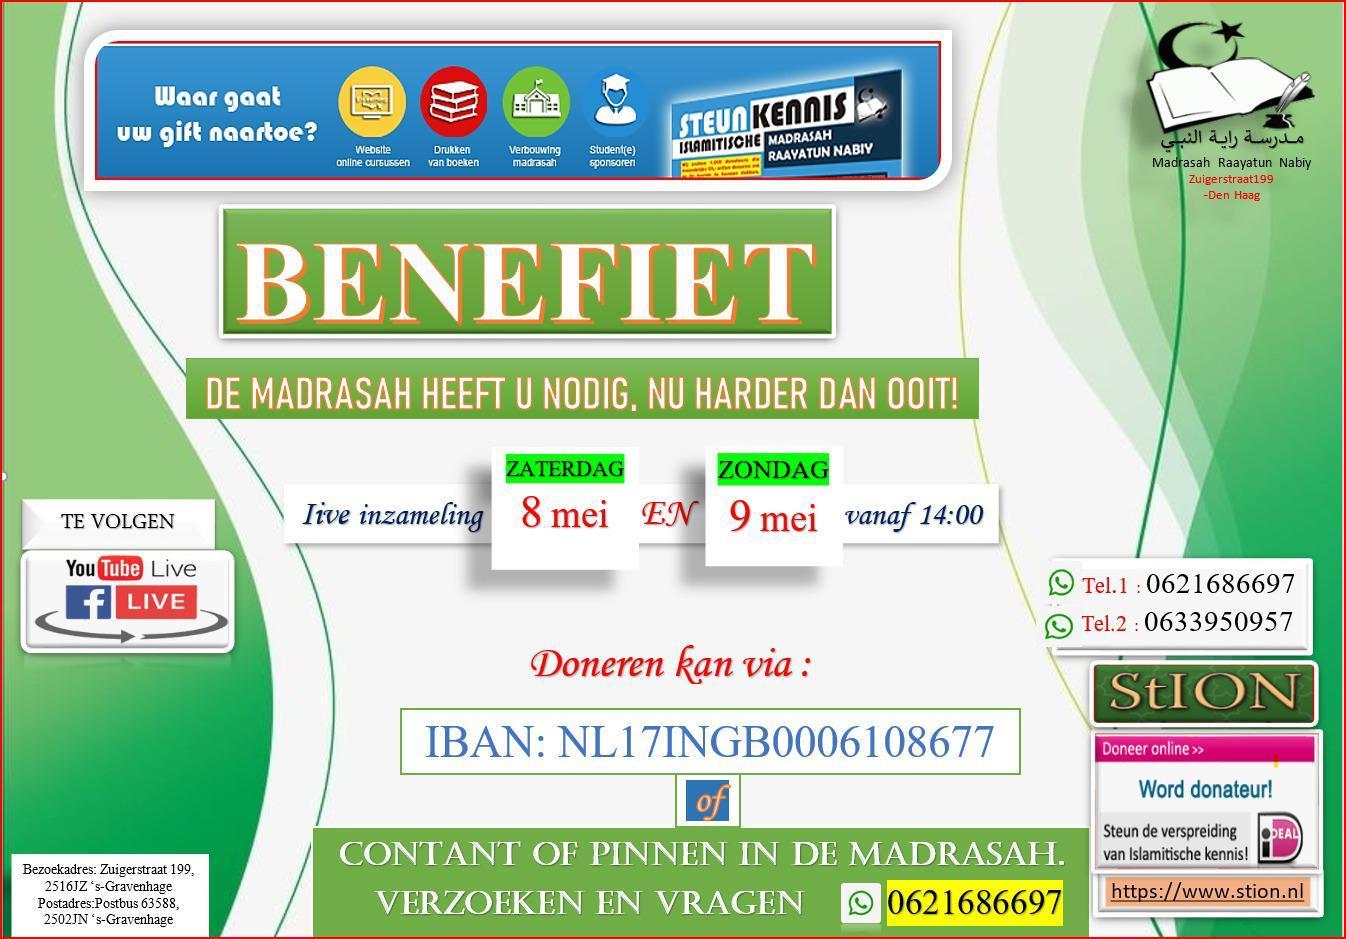 Benefiet